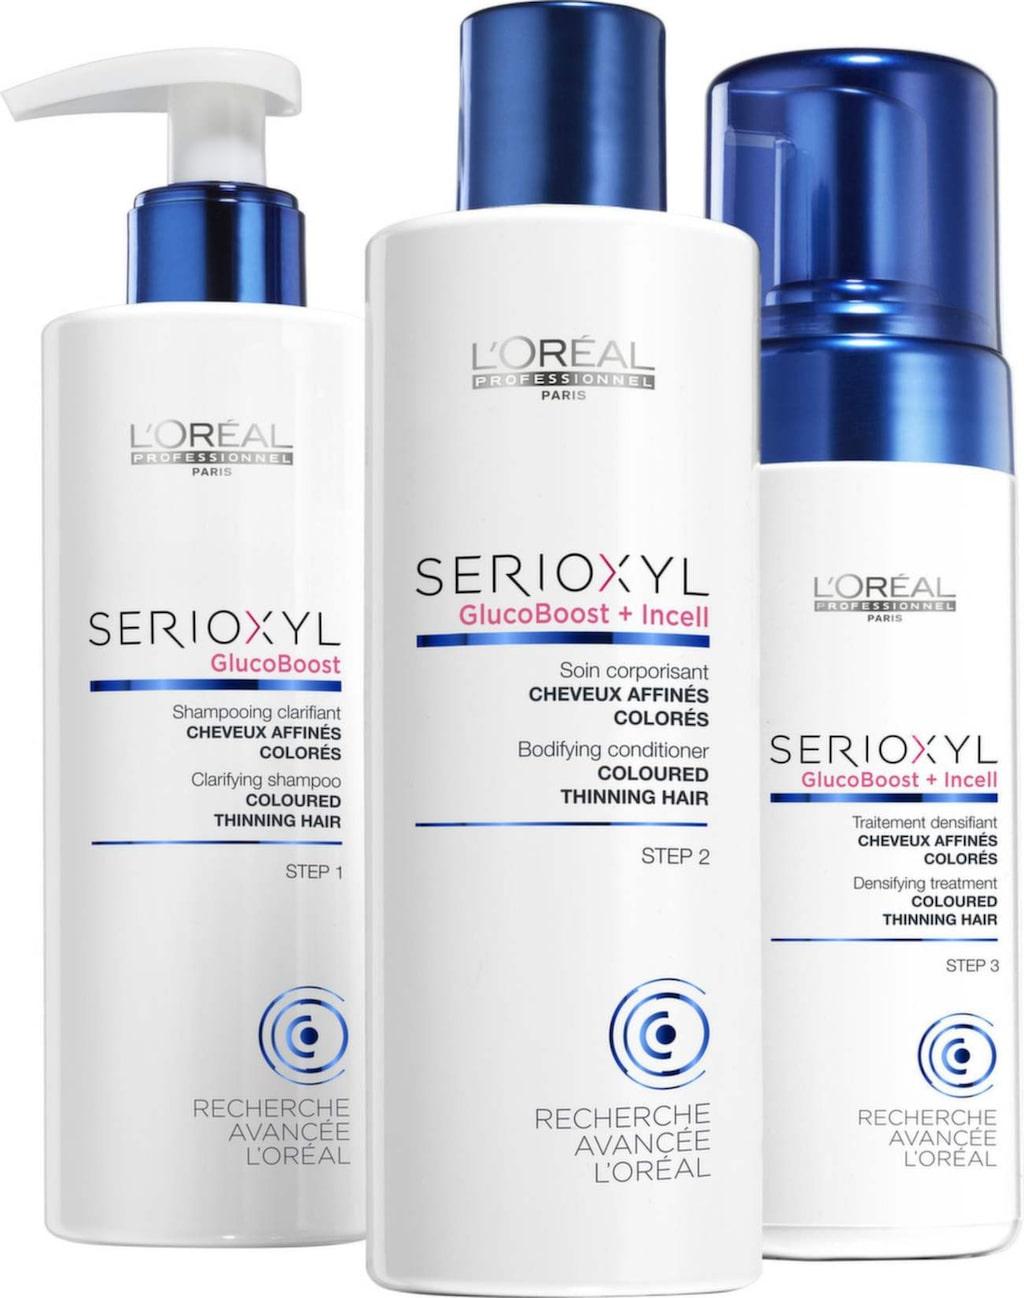 <p>Schampo, balsam och mousse verkar vårdande och stärkande med aktiva ingredienser som ger ett fylligare hår på sikt. Säljs på hårsalonger.</p><p><strong>Serioxyl, fuller hair kit natural thinning hair, 399 kronor, L'Oréal Professionnel.</strong></p>